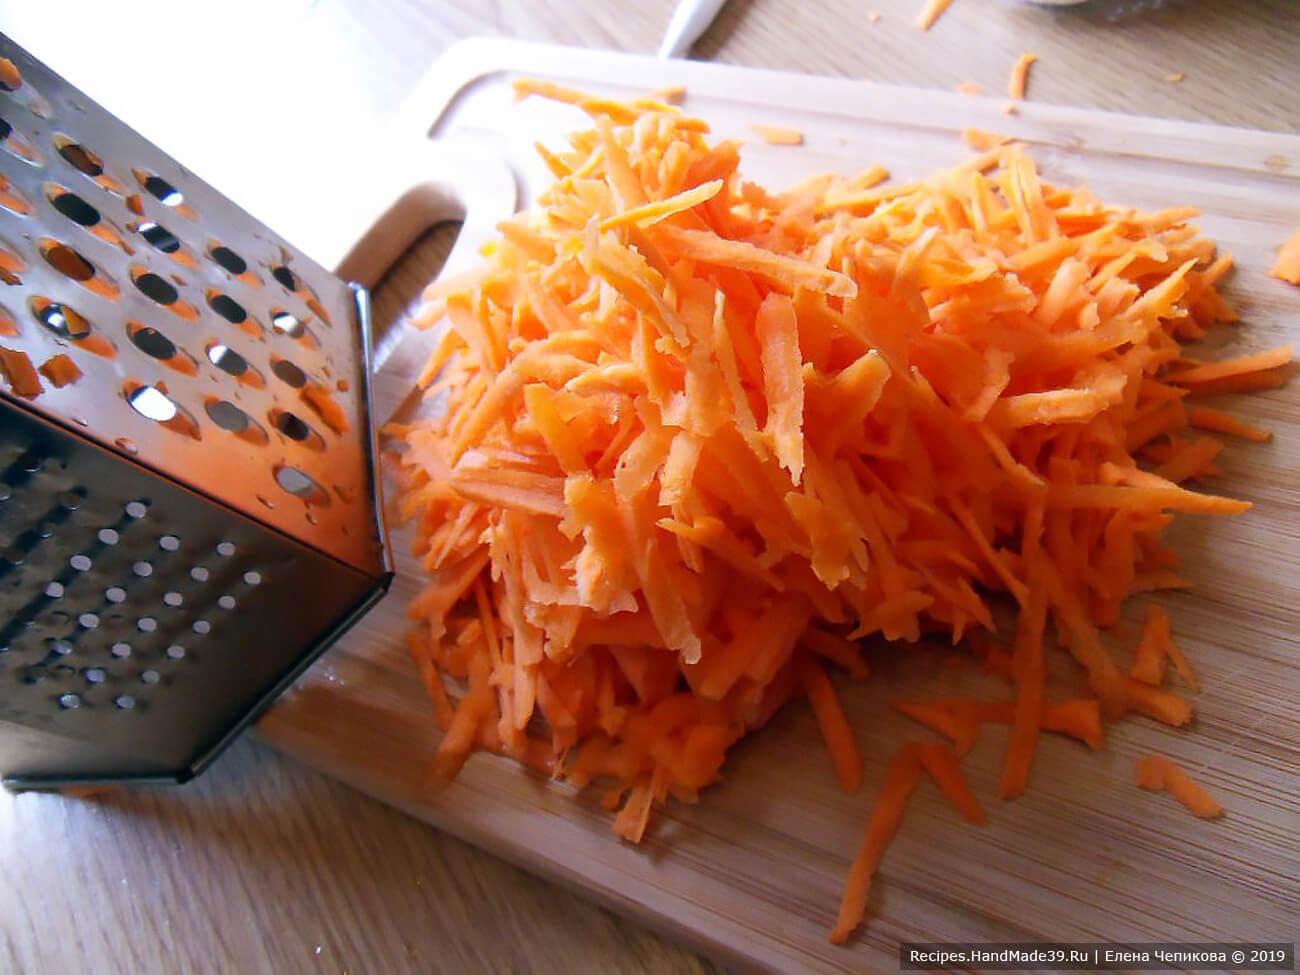 Морковь и лук вымыть, очистить, натереть на крупной тёрке